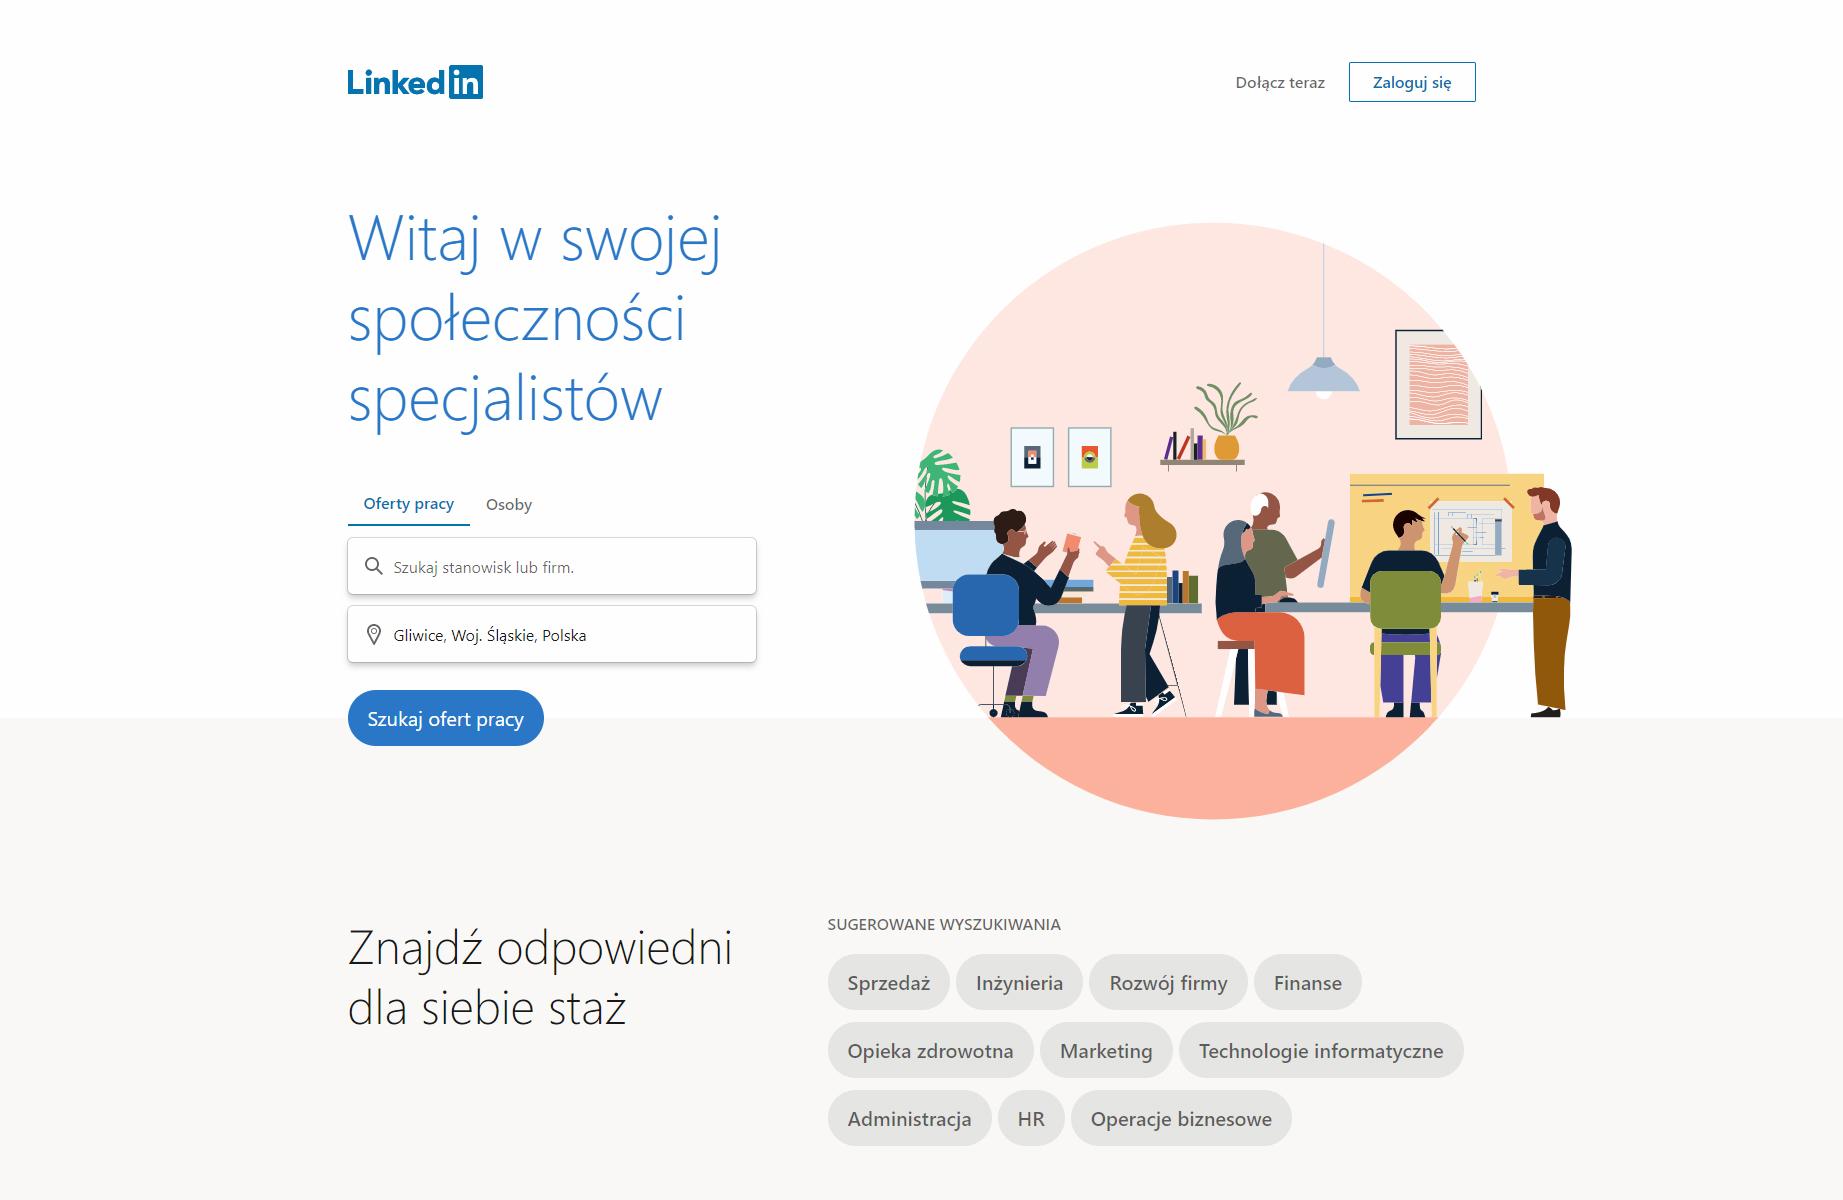 Nowe strona logowania Linkedin 2019